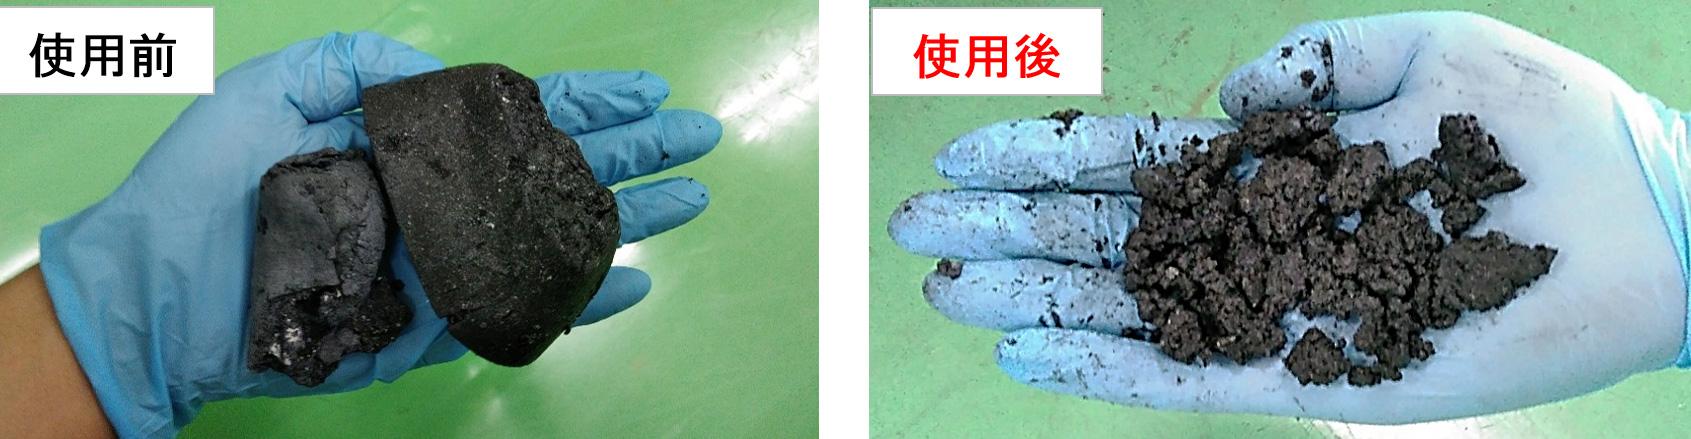 溶剤用ペイントキラー剤